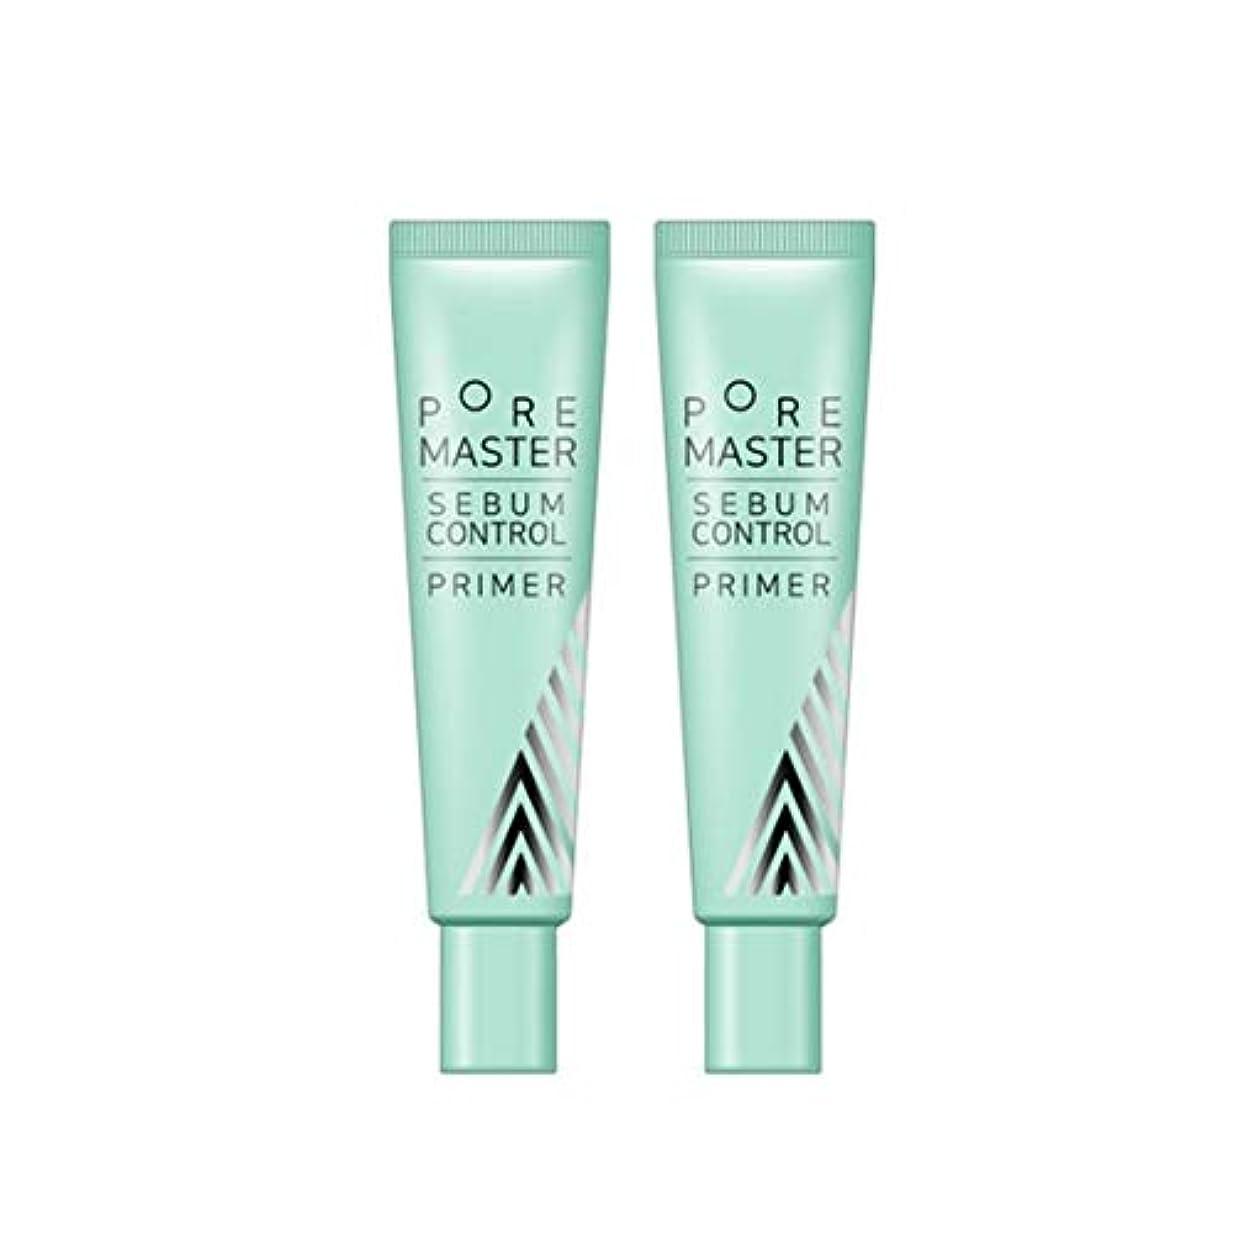 ジューストリッキー舌アリタウムフォアマスター皮脂コントロールプライマー25ml x2本セット毛穴ケア韓国コスメ、Aritaum Pore Master Sebum Control Primer 25ml x 2ea Set Korean Cosmetics...